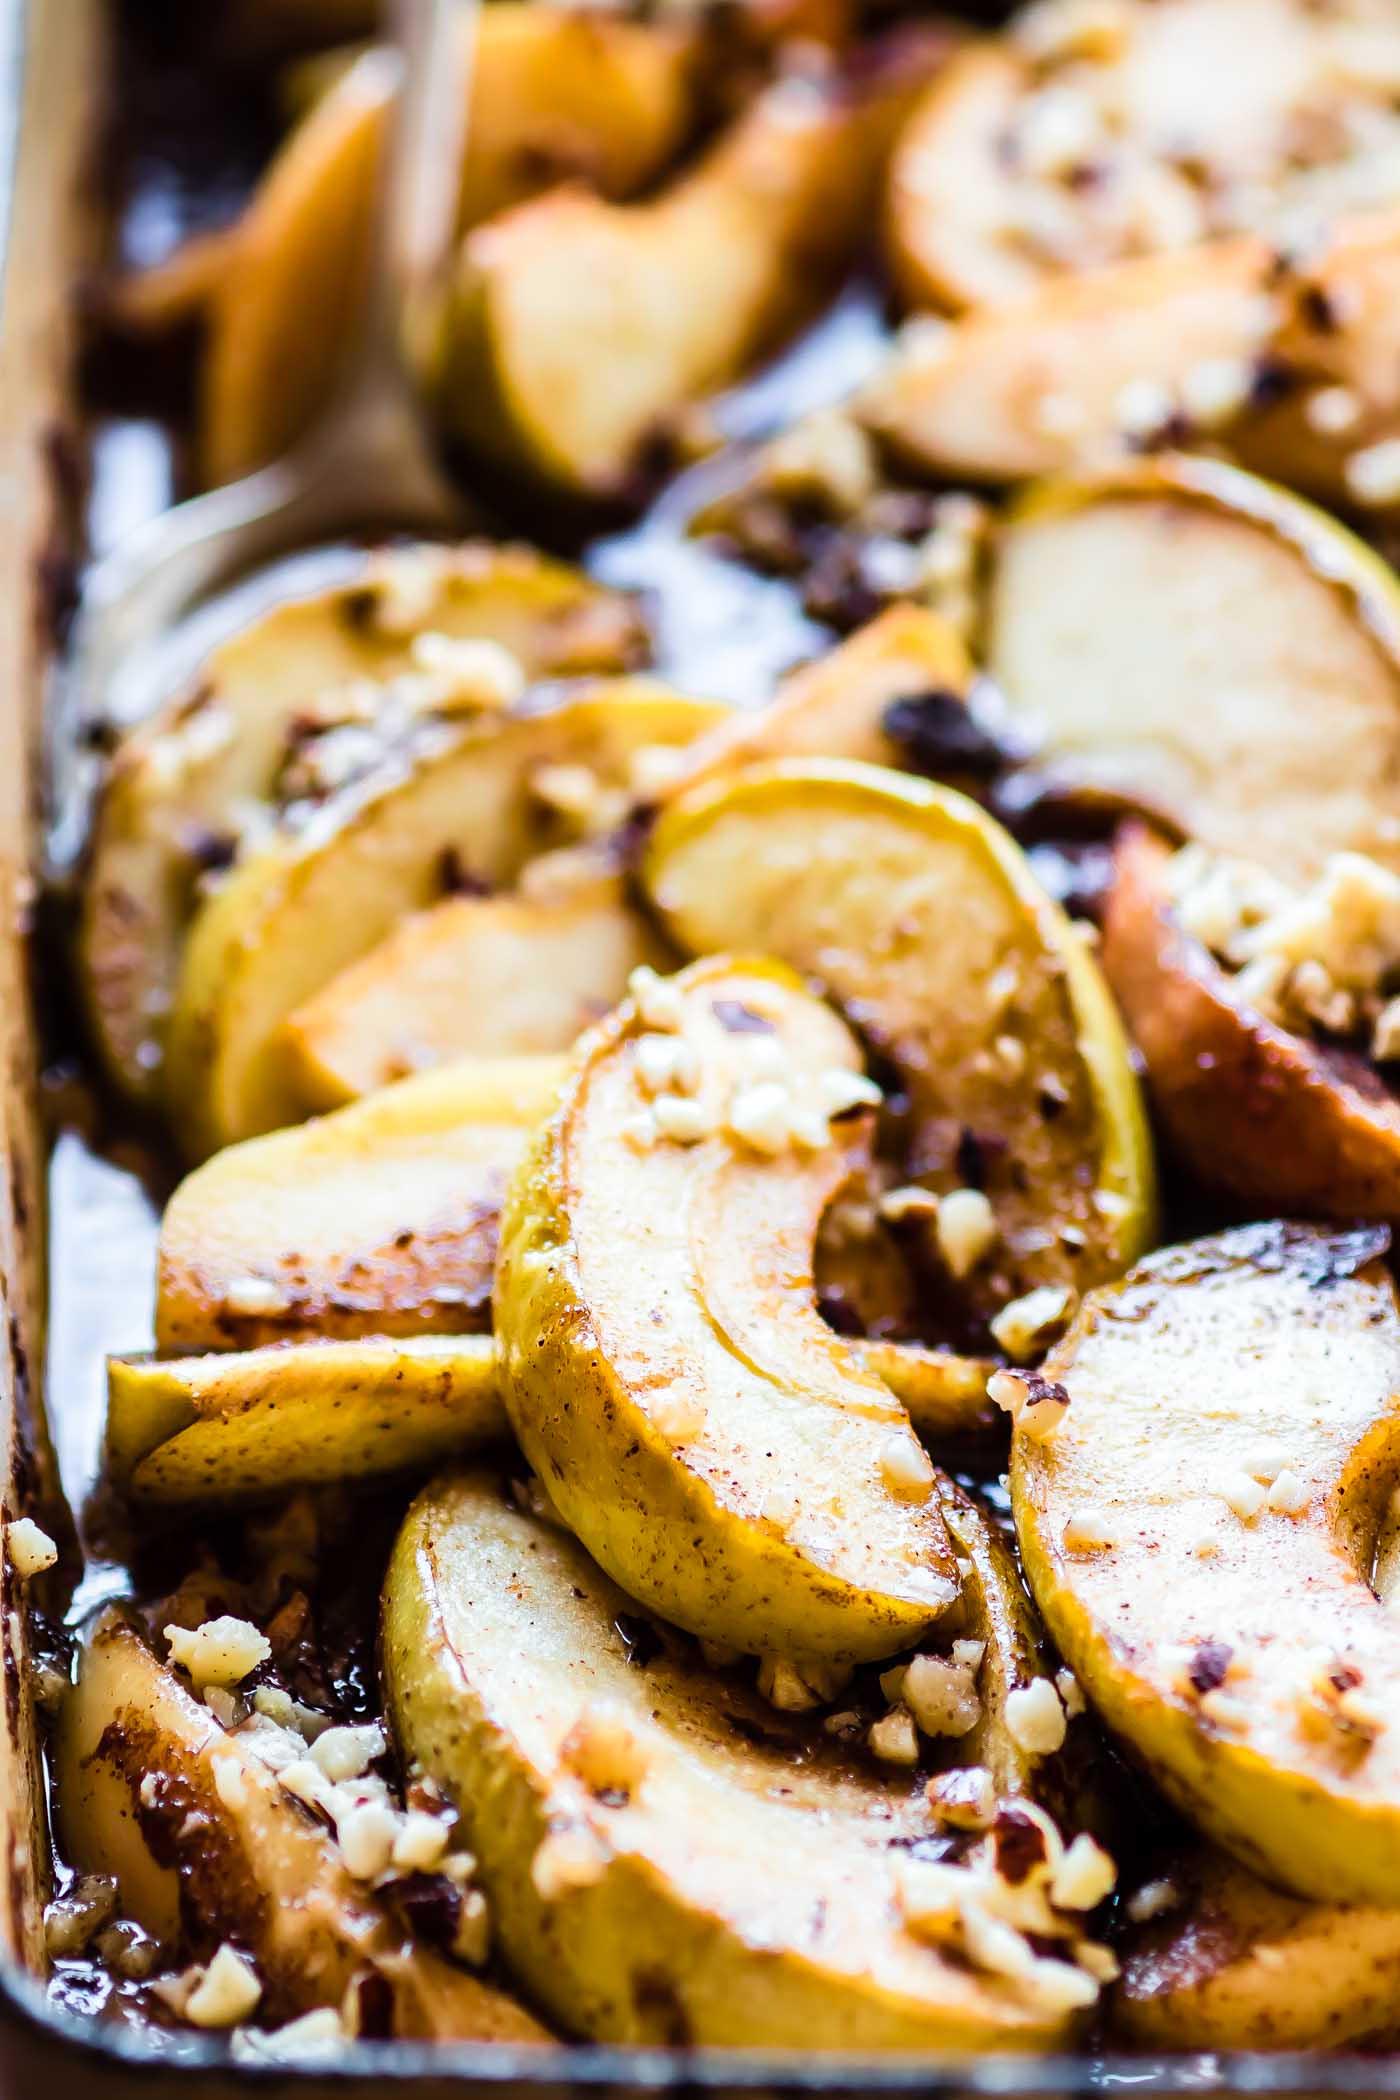 caramelized-apple-cider-hot-fruit-bake-2-3